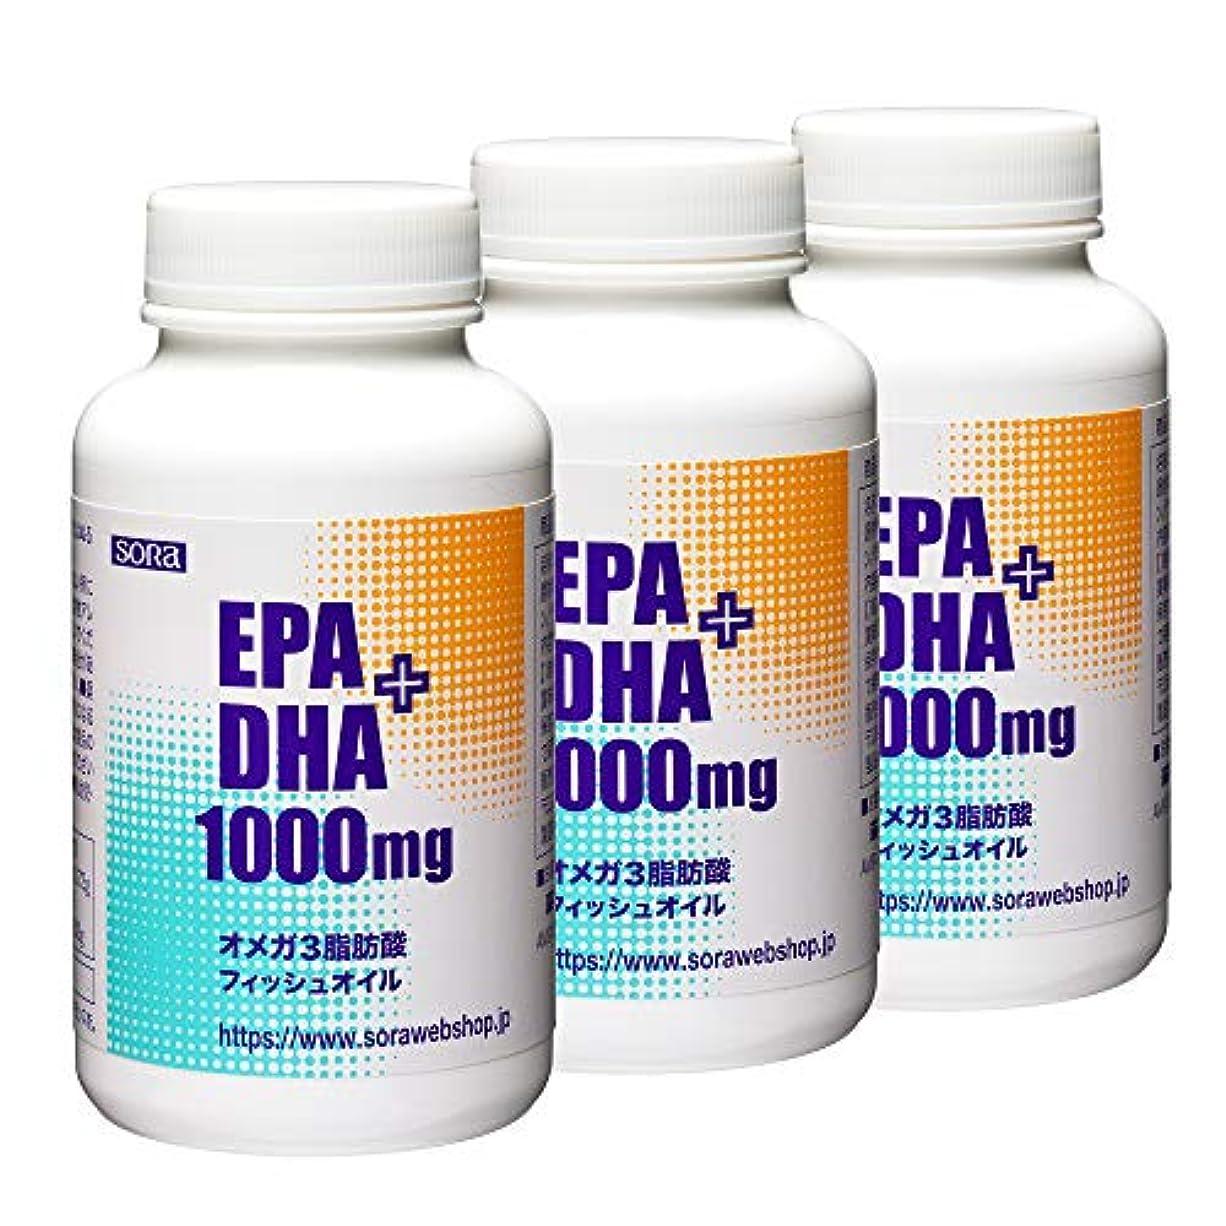 緊急ダウンタウン切り下げ【まとめ買い】そら EPA+DHA 1000mg (魚のオイル オメガ3) 【180粒入 × 3本セット】[5% OFF]